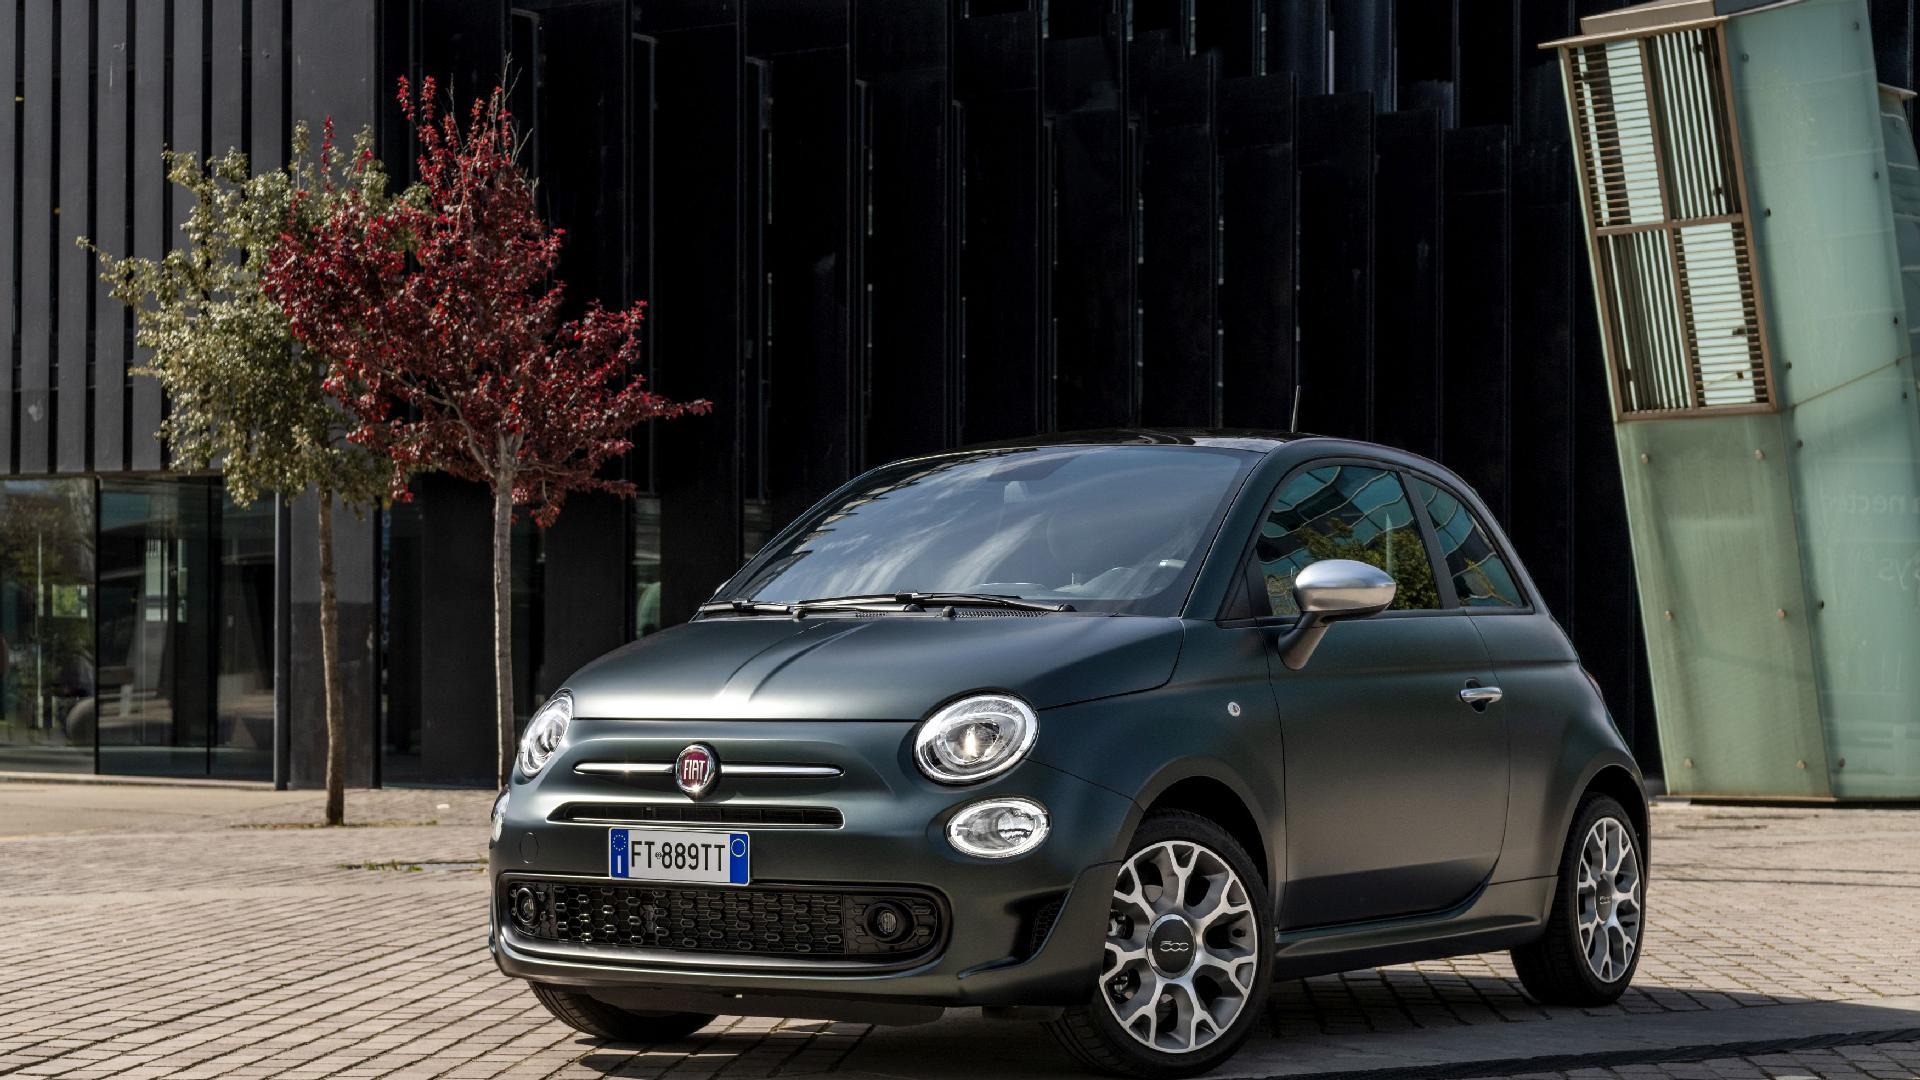 FIAT 500 1.2 Mirror